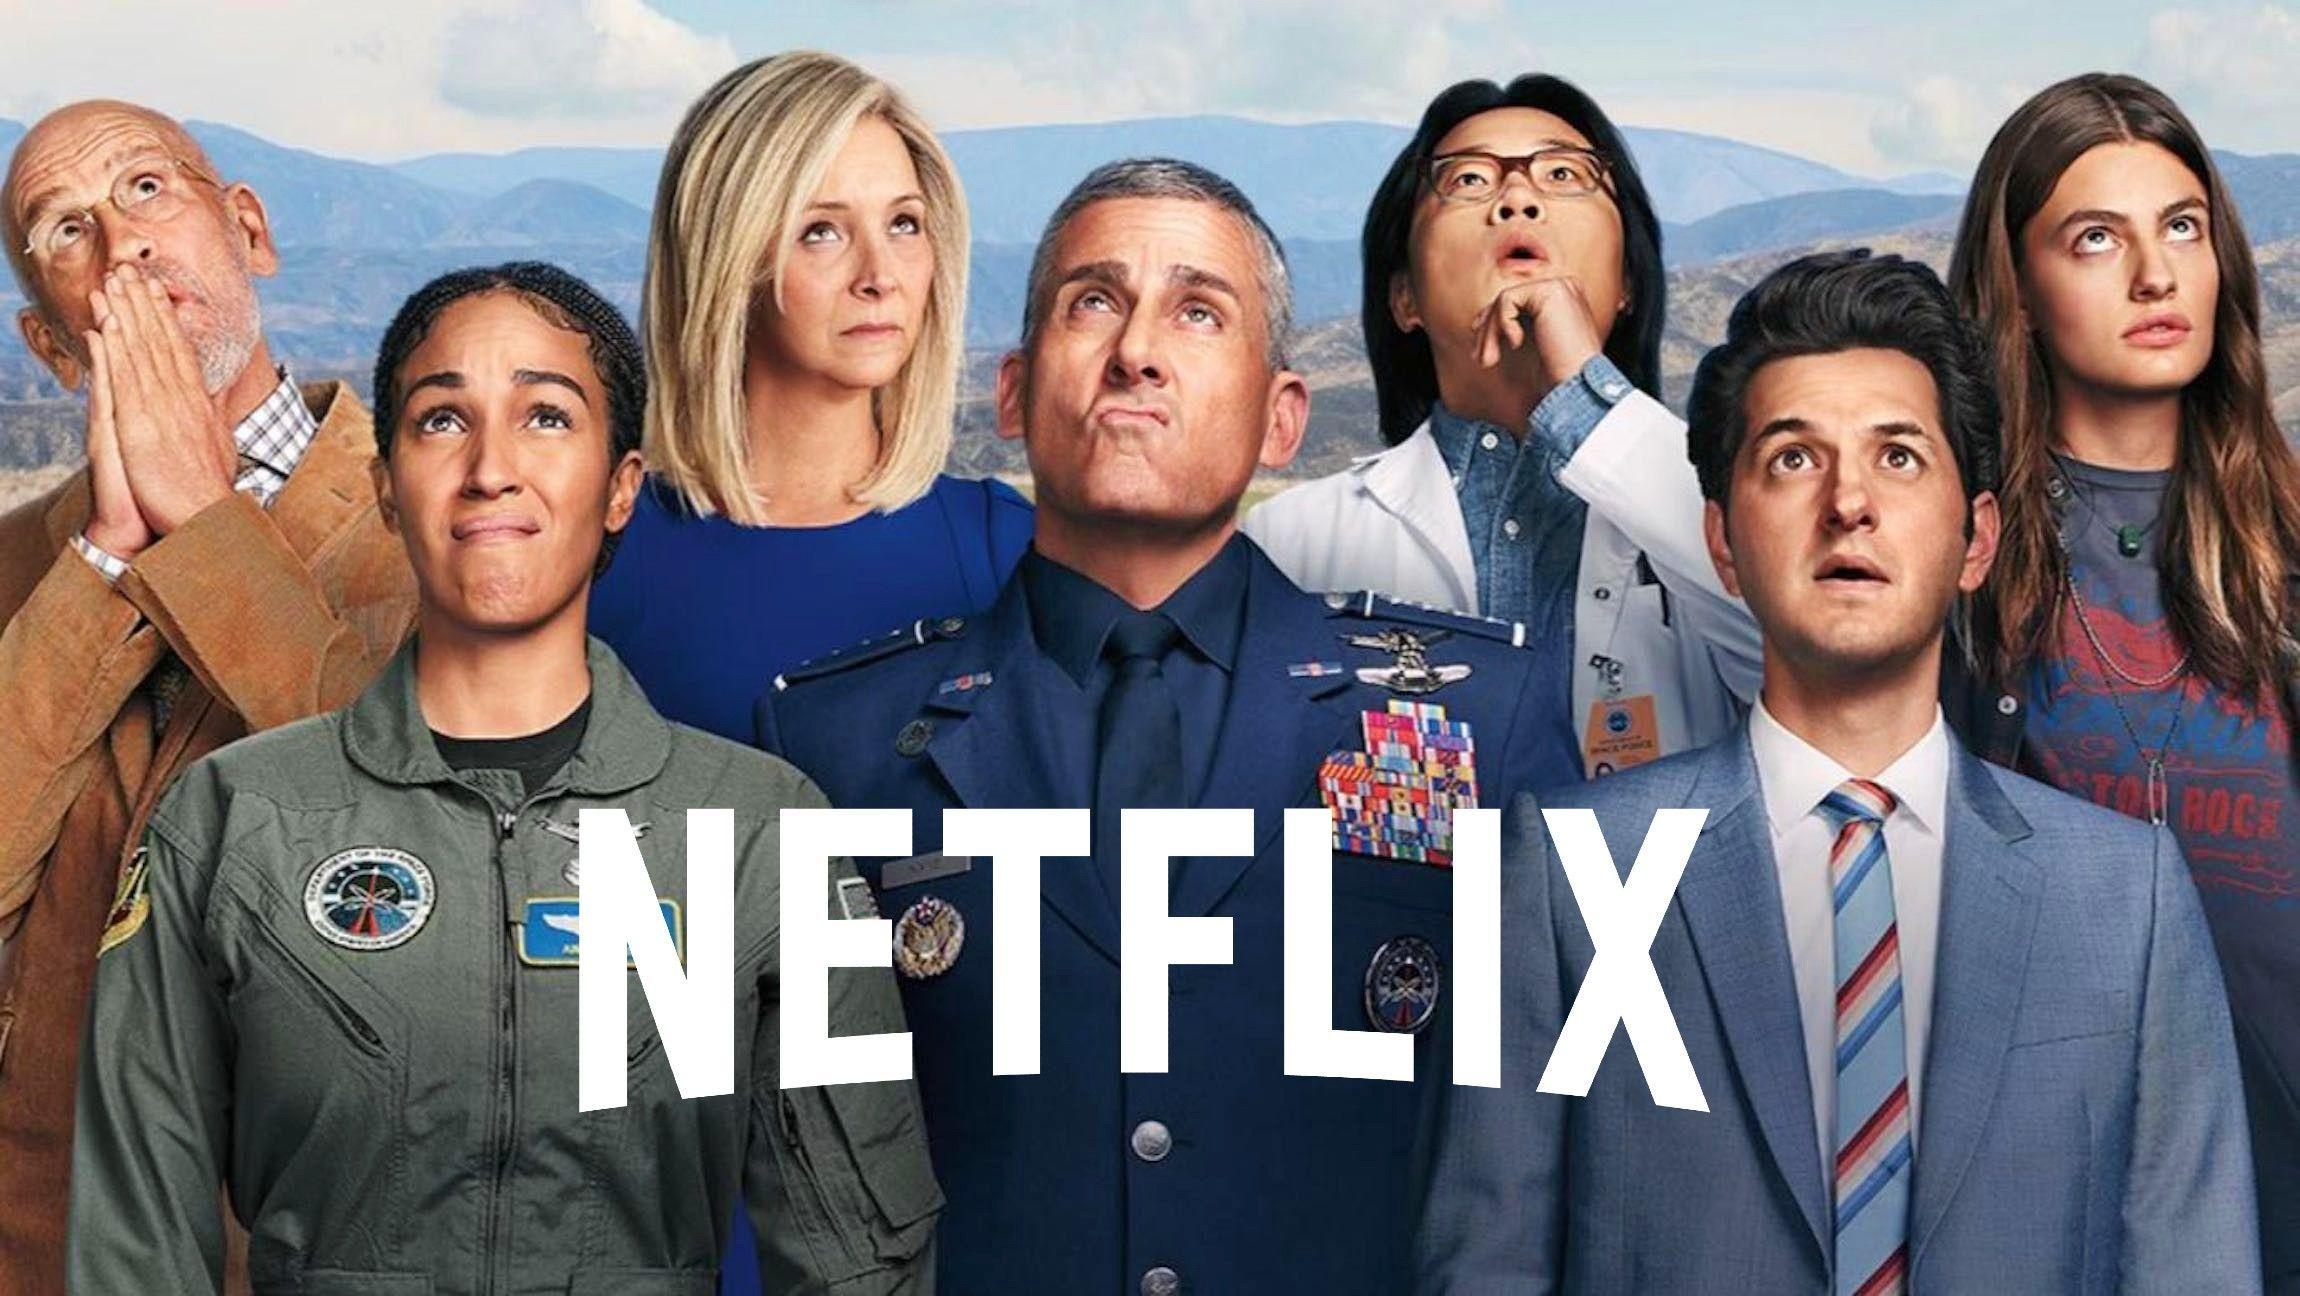 Space Force continúa sus locas aventuras con una temporada 2 en Netflix